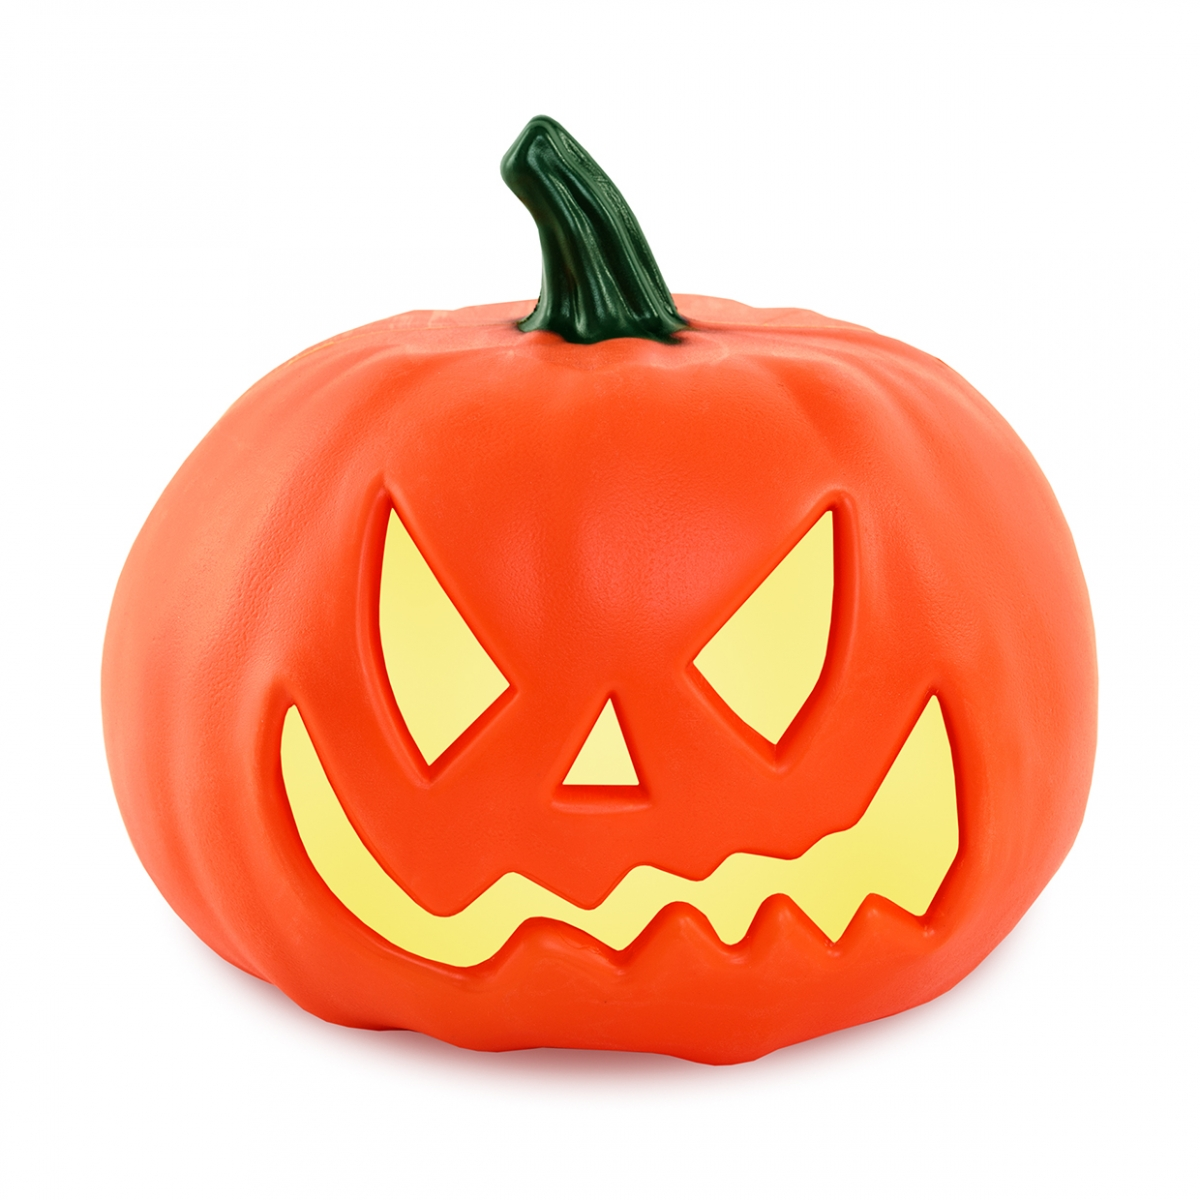 Imagen en la que se ve una calabaza de Halloween